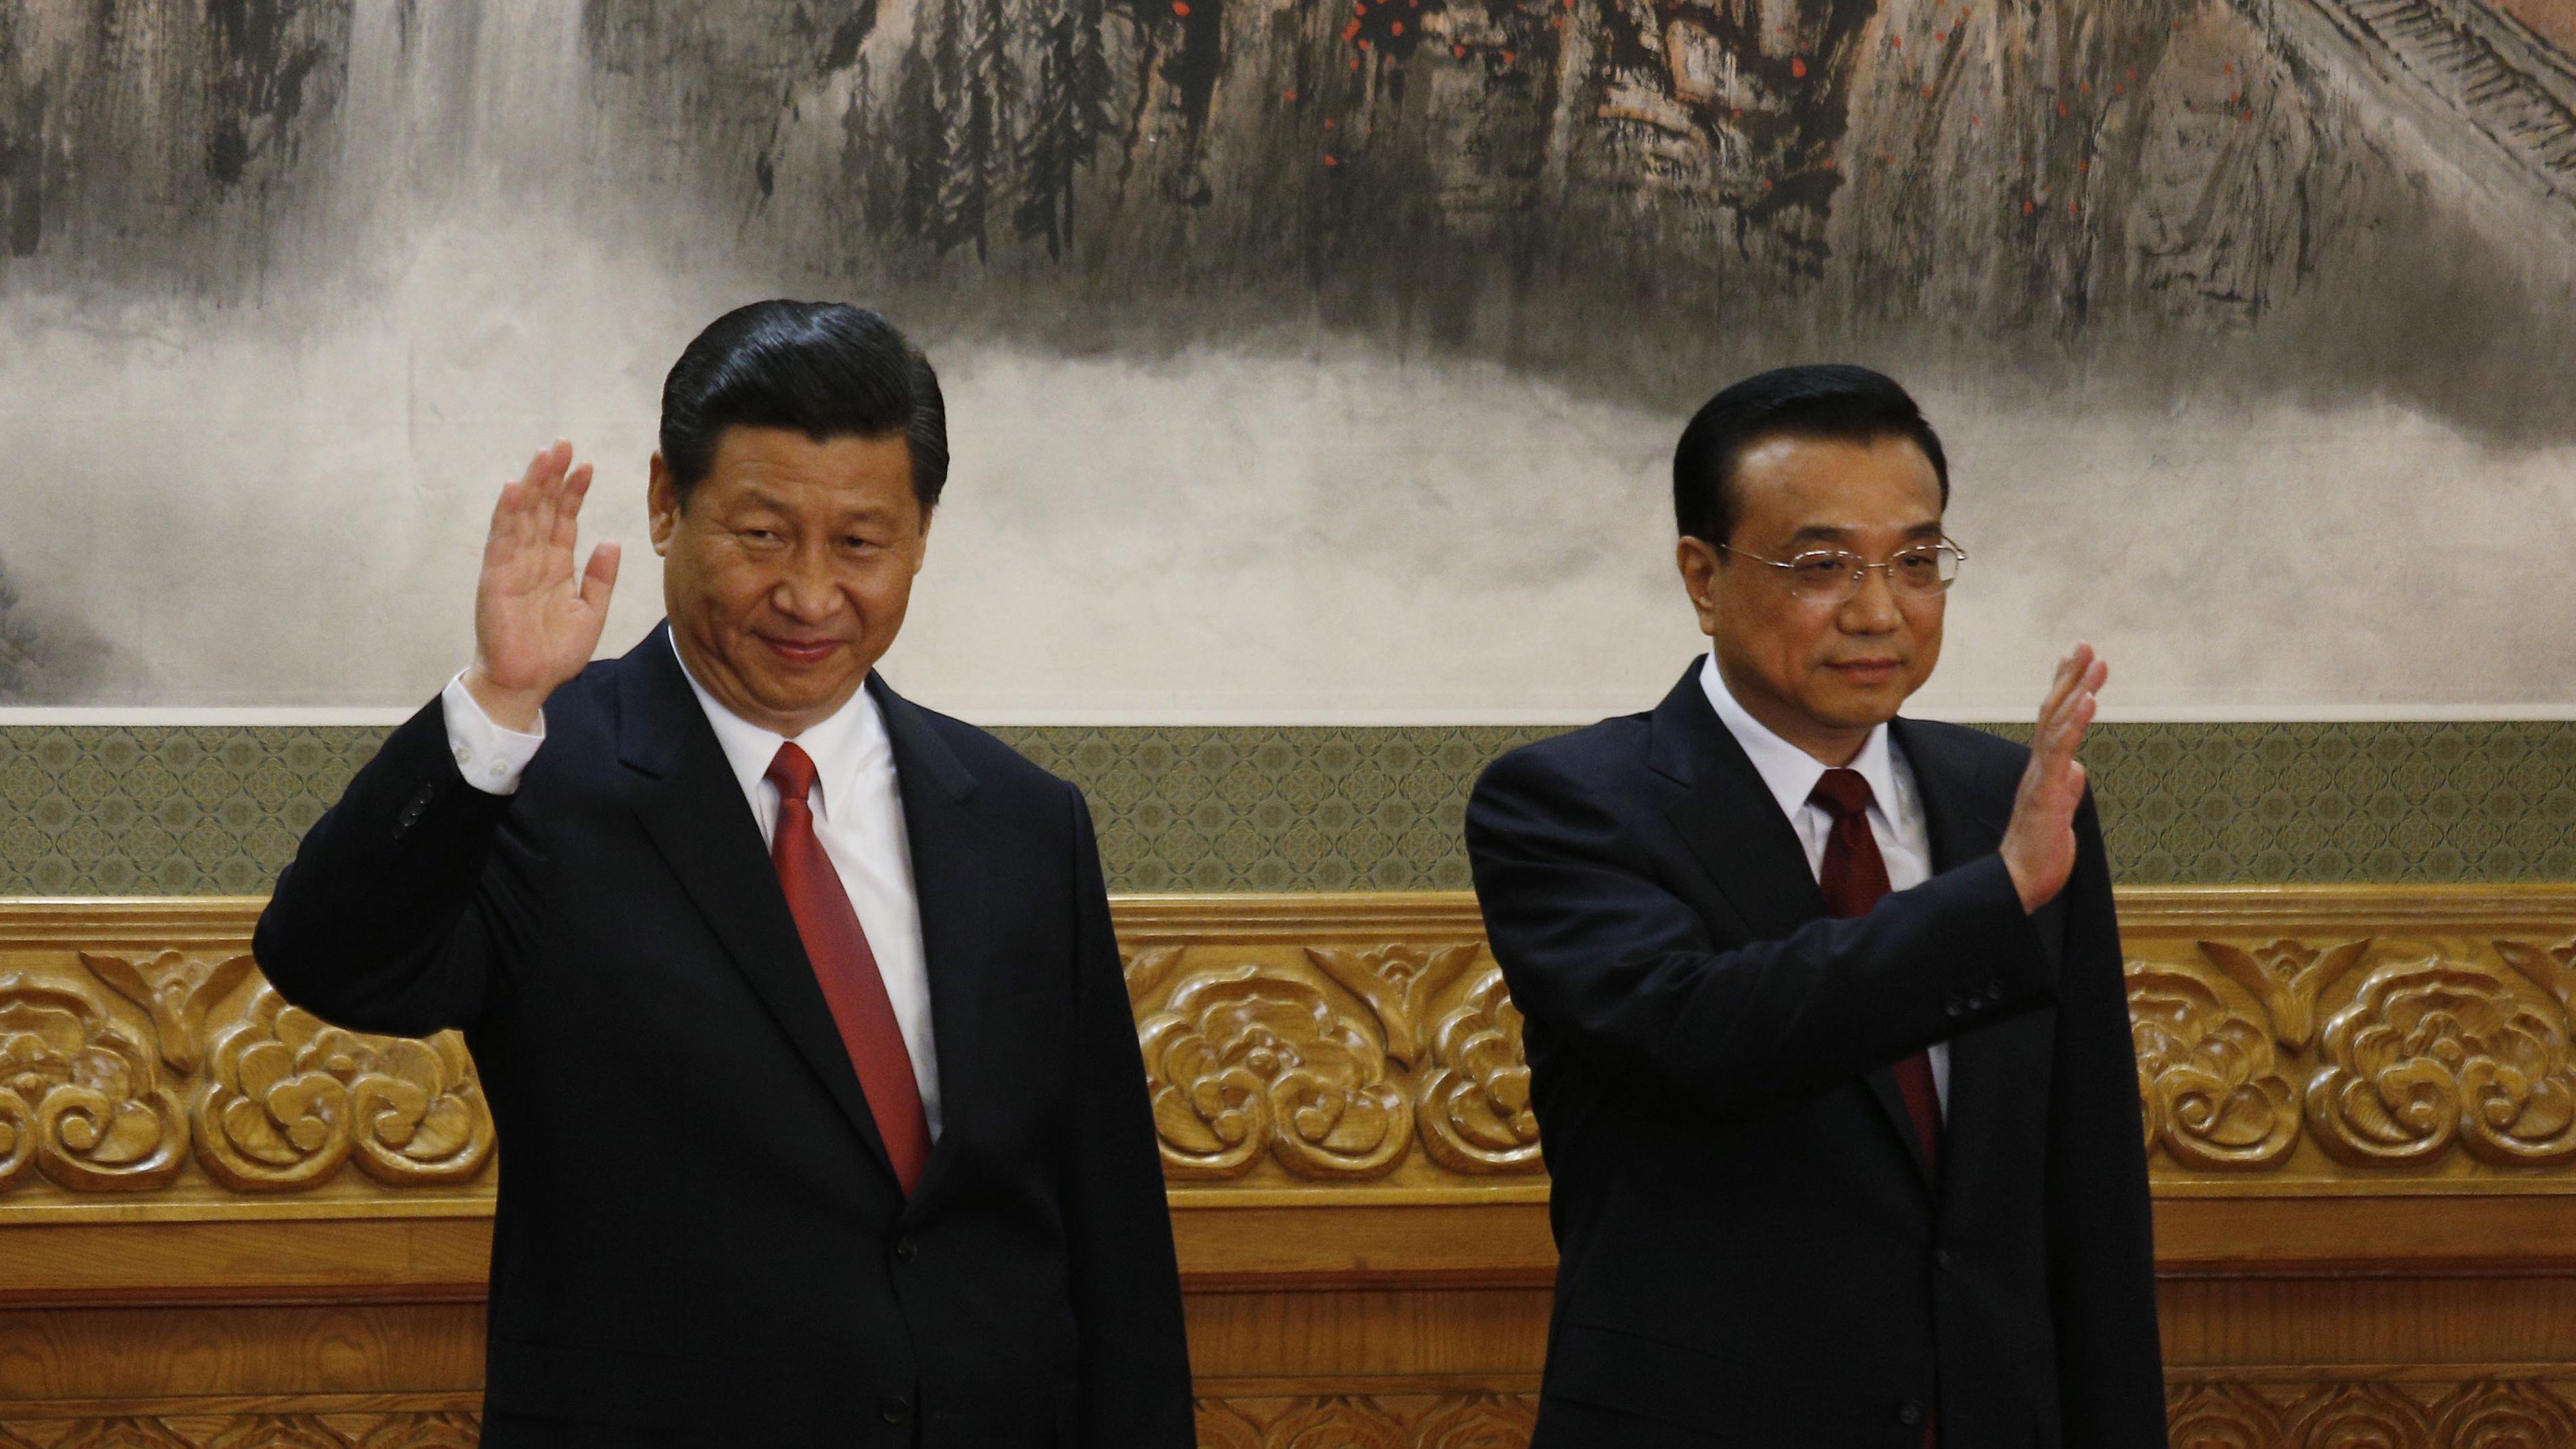 Xi and Li